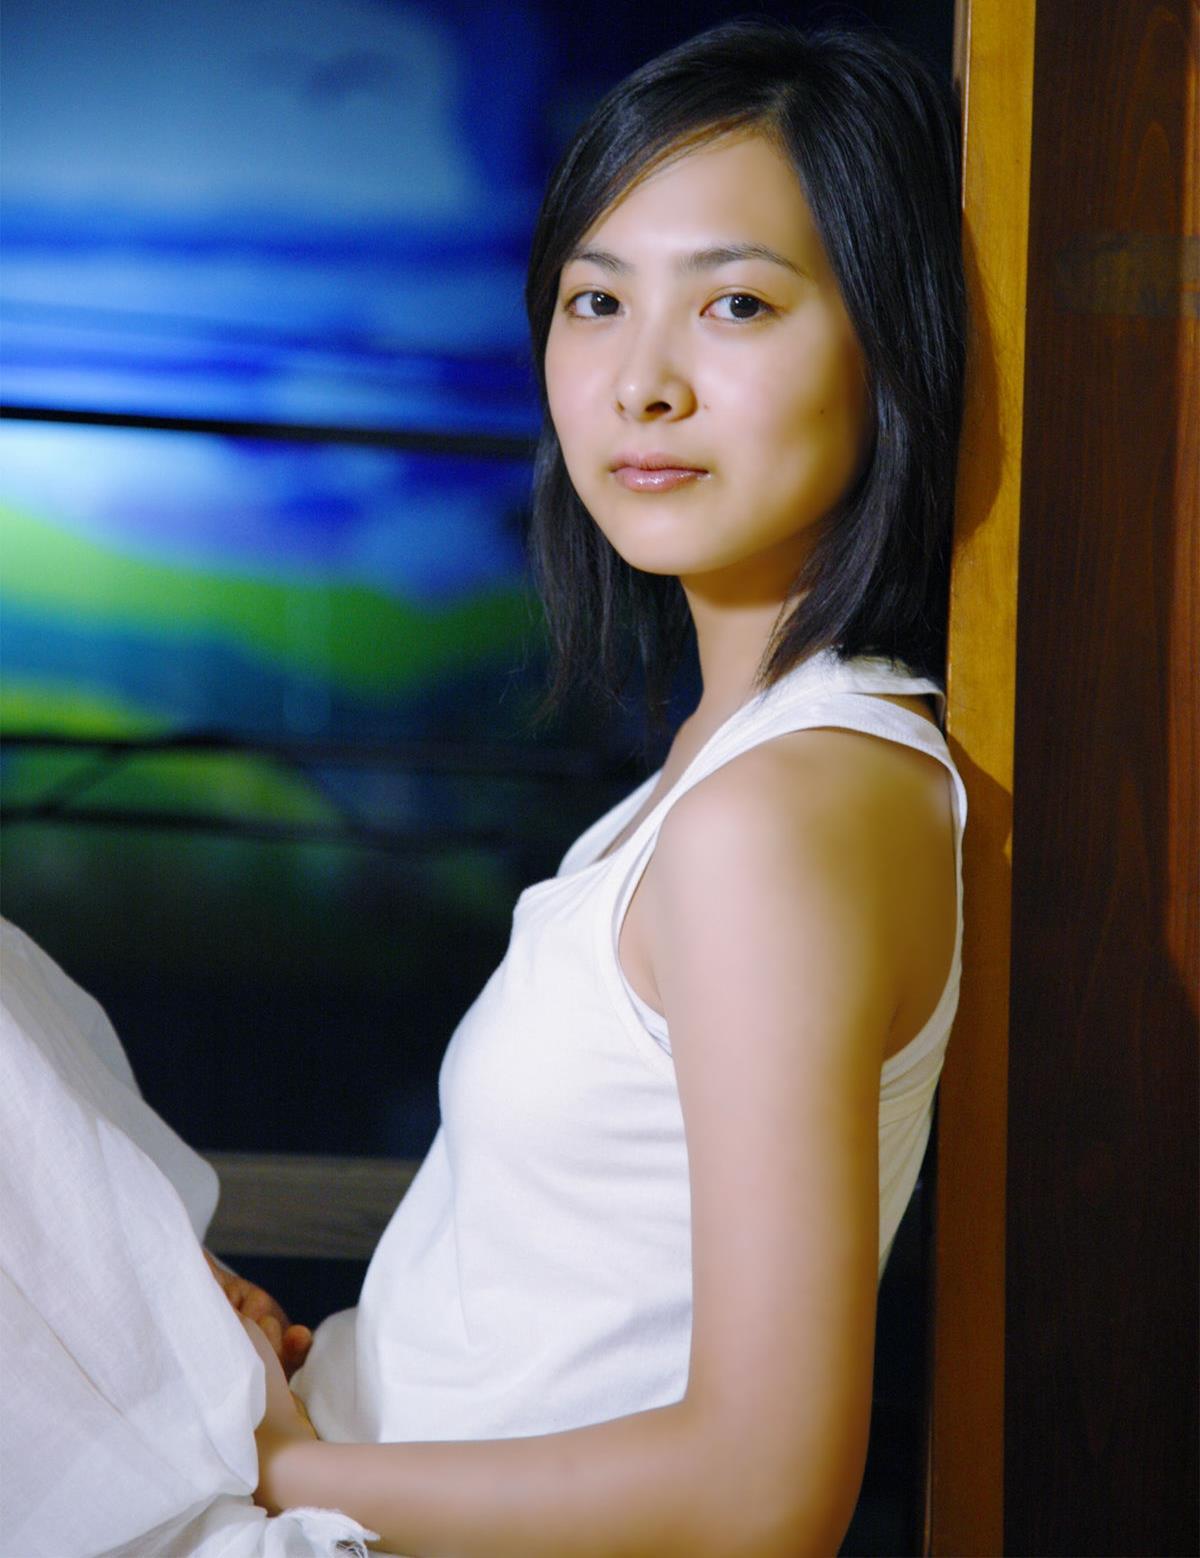 Mitsuki Tanimura Nude Photos 18